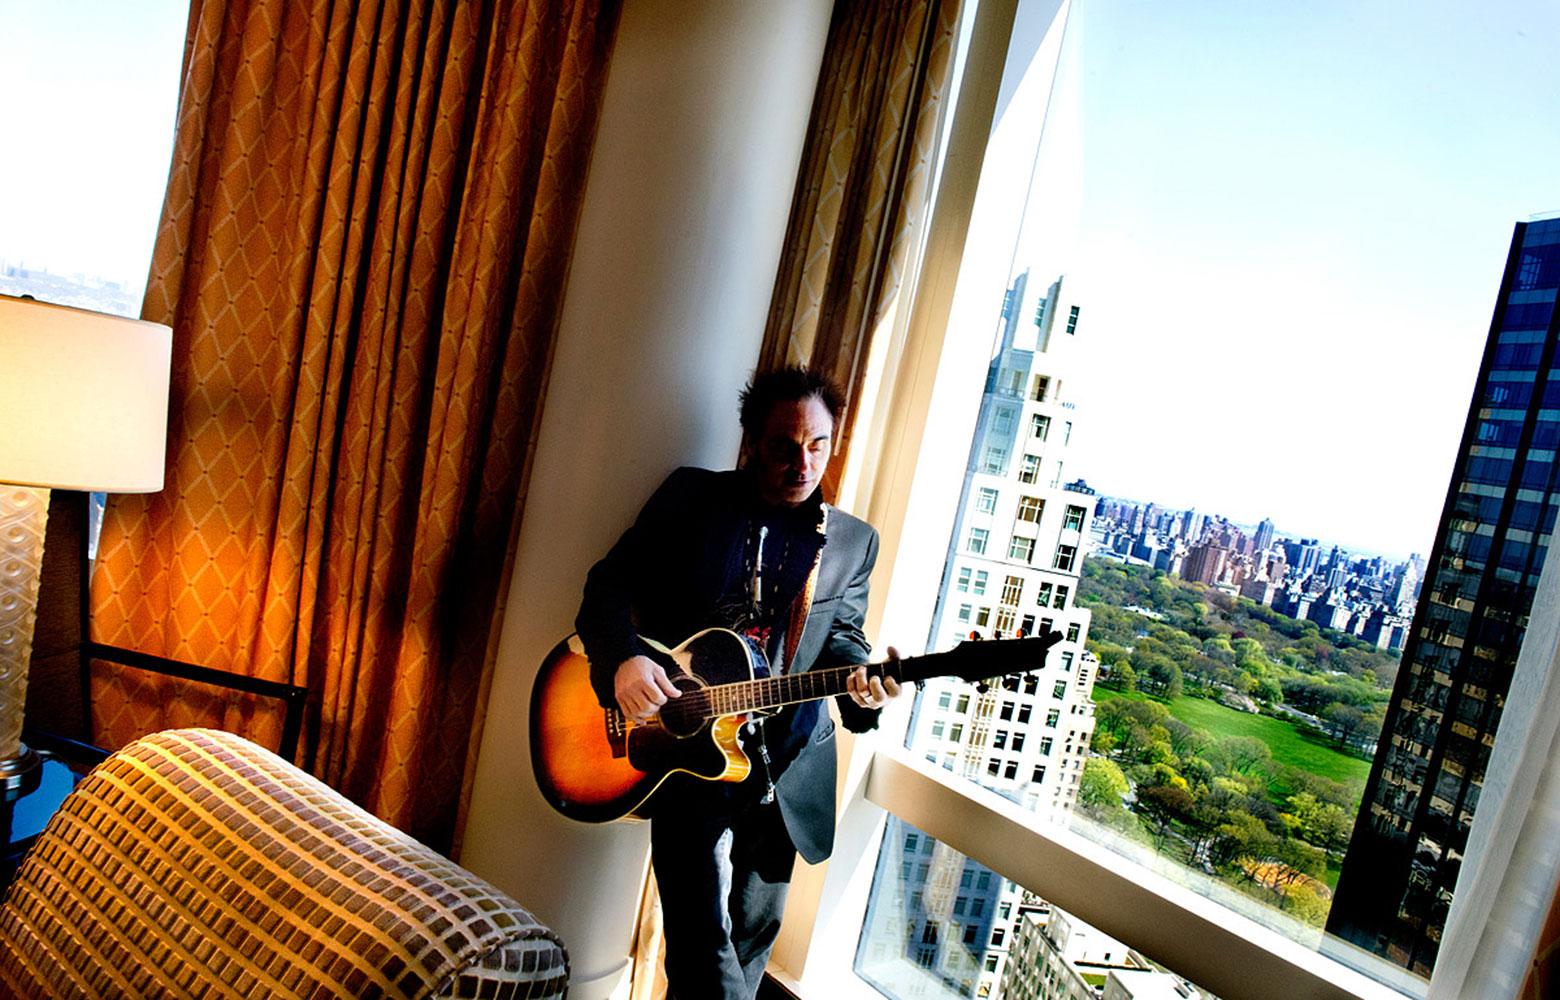 Nils Lofgren Bruce Springsteen